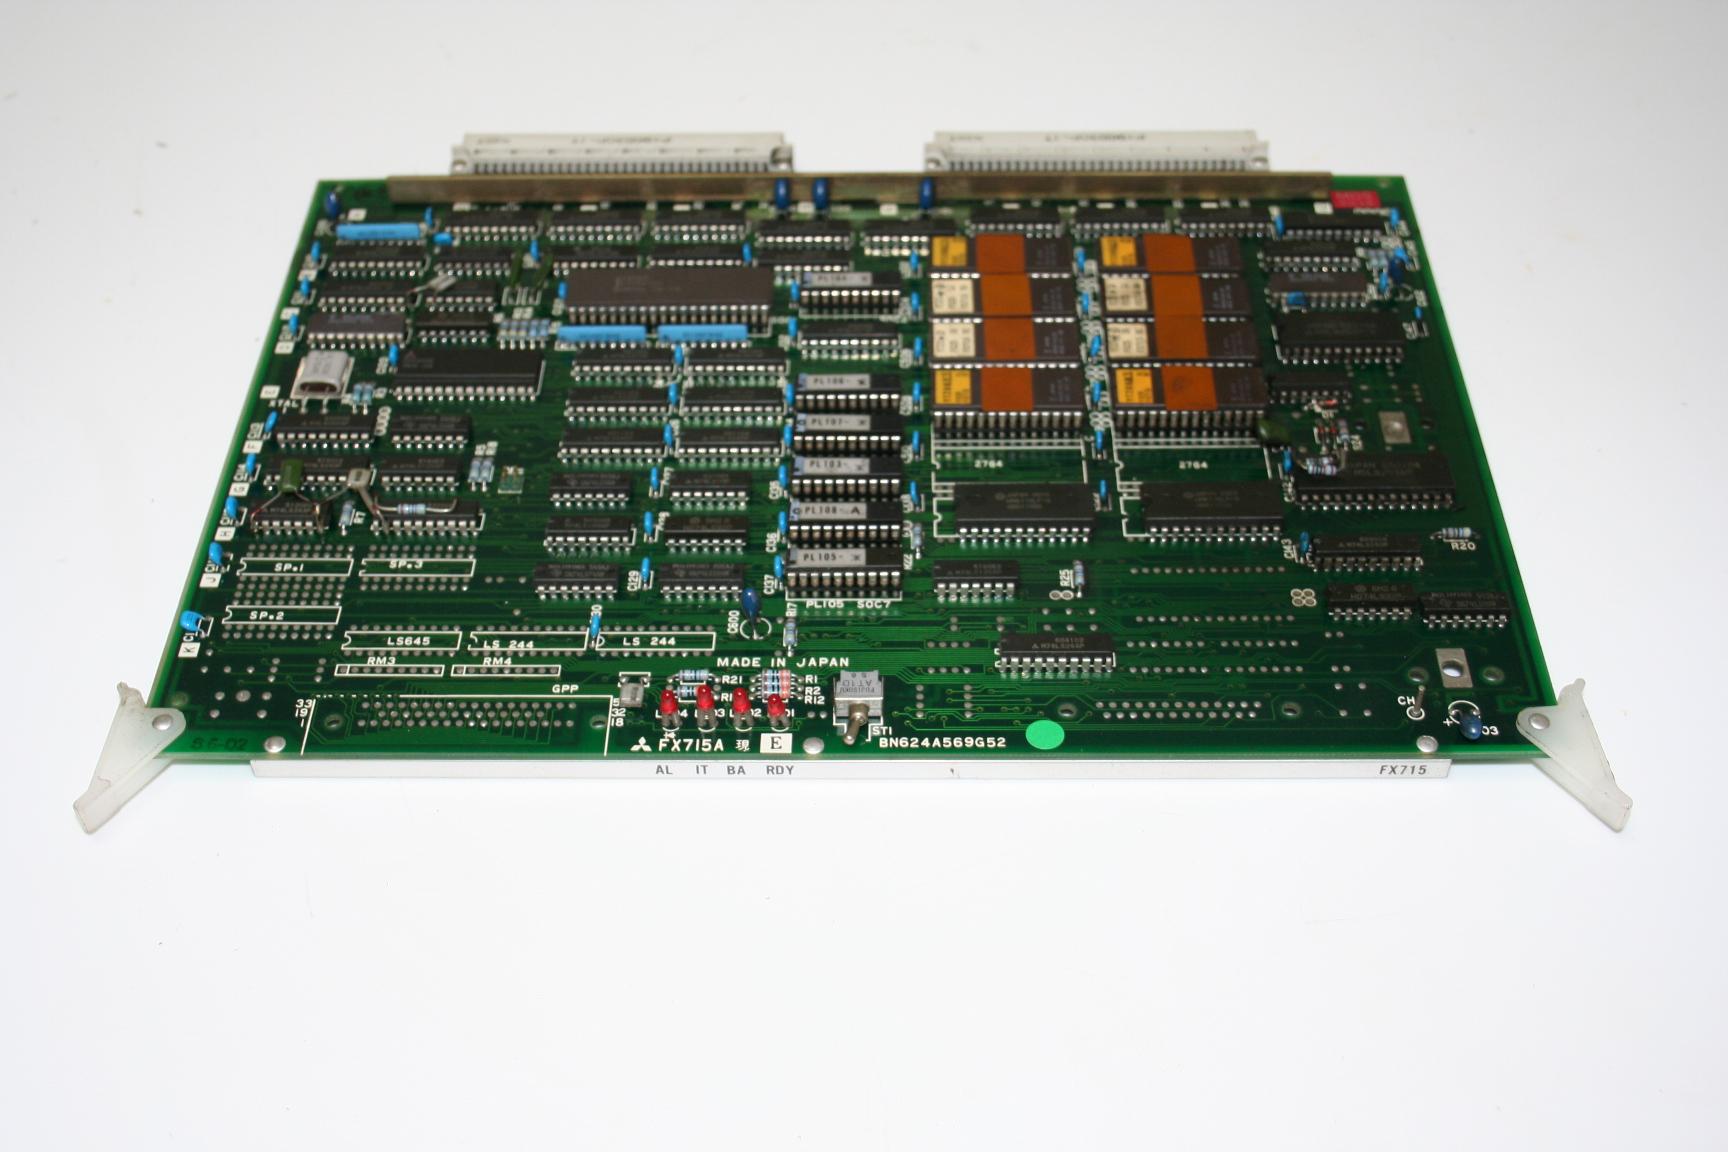 FX715 BN624A569G52 b